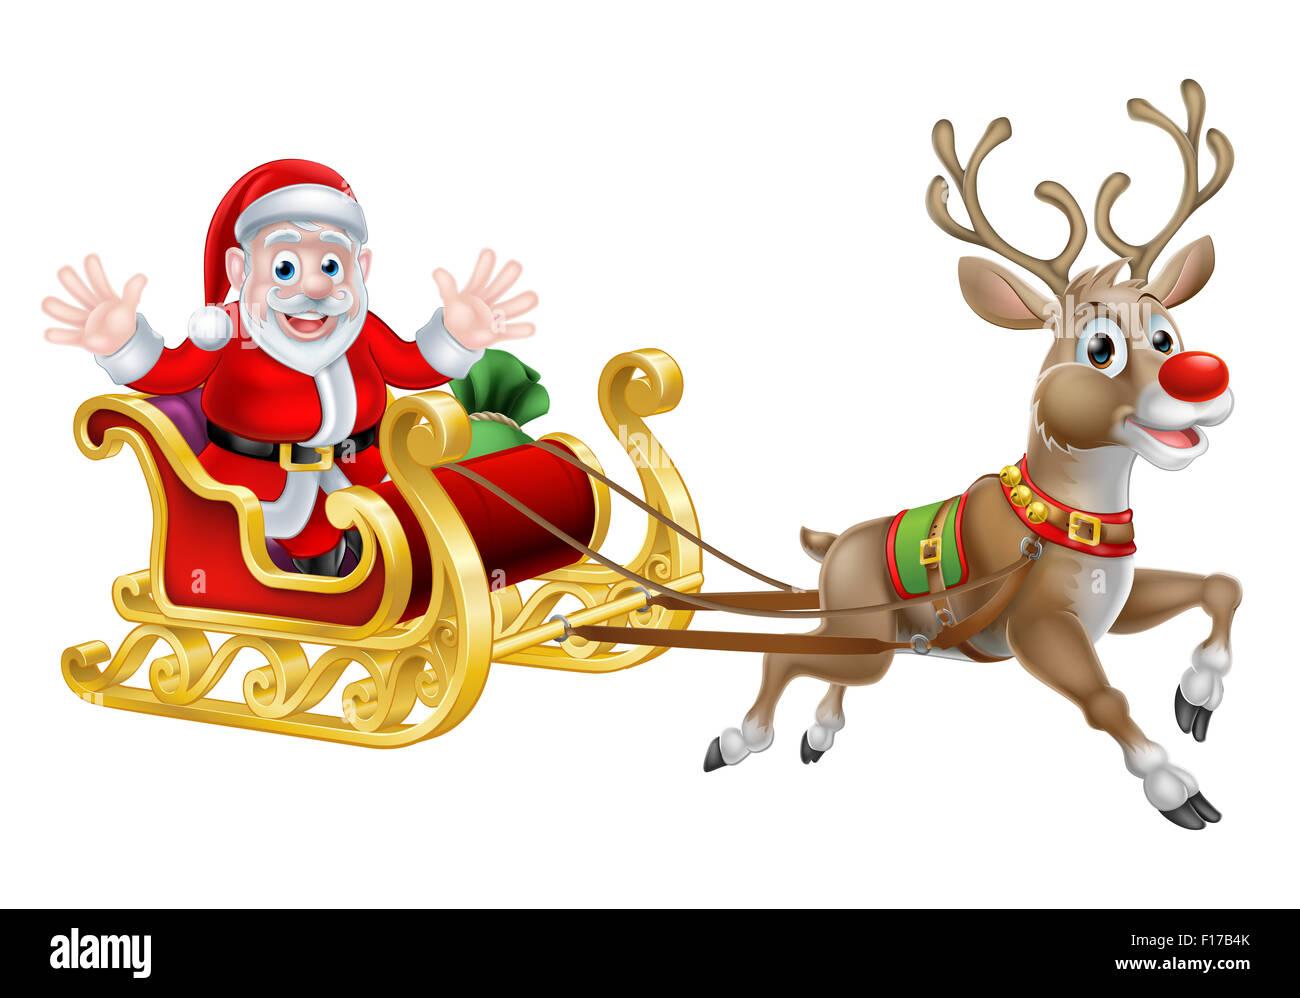 Immagini Di Babbo Natale Con La Slitta E Le Renne.Cartoon Di Babbo Natale E Delle Sue Renne Con La Sua Slitta